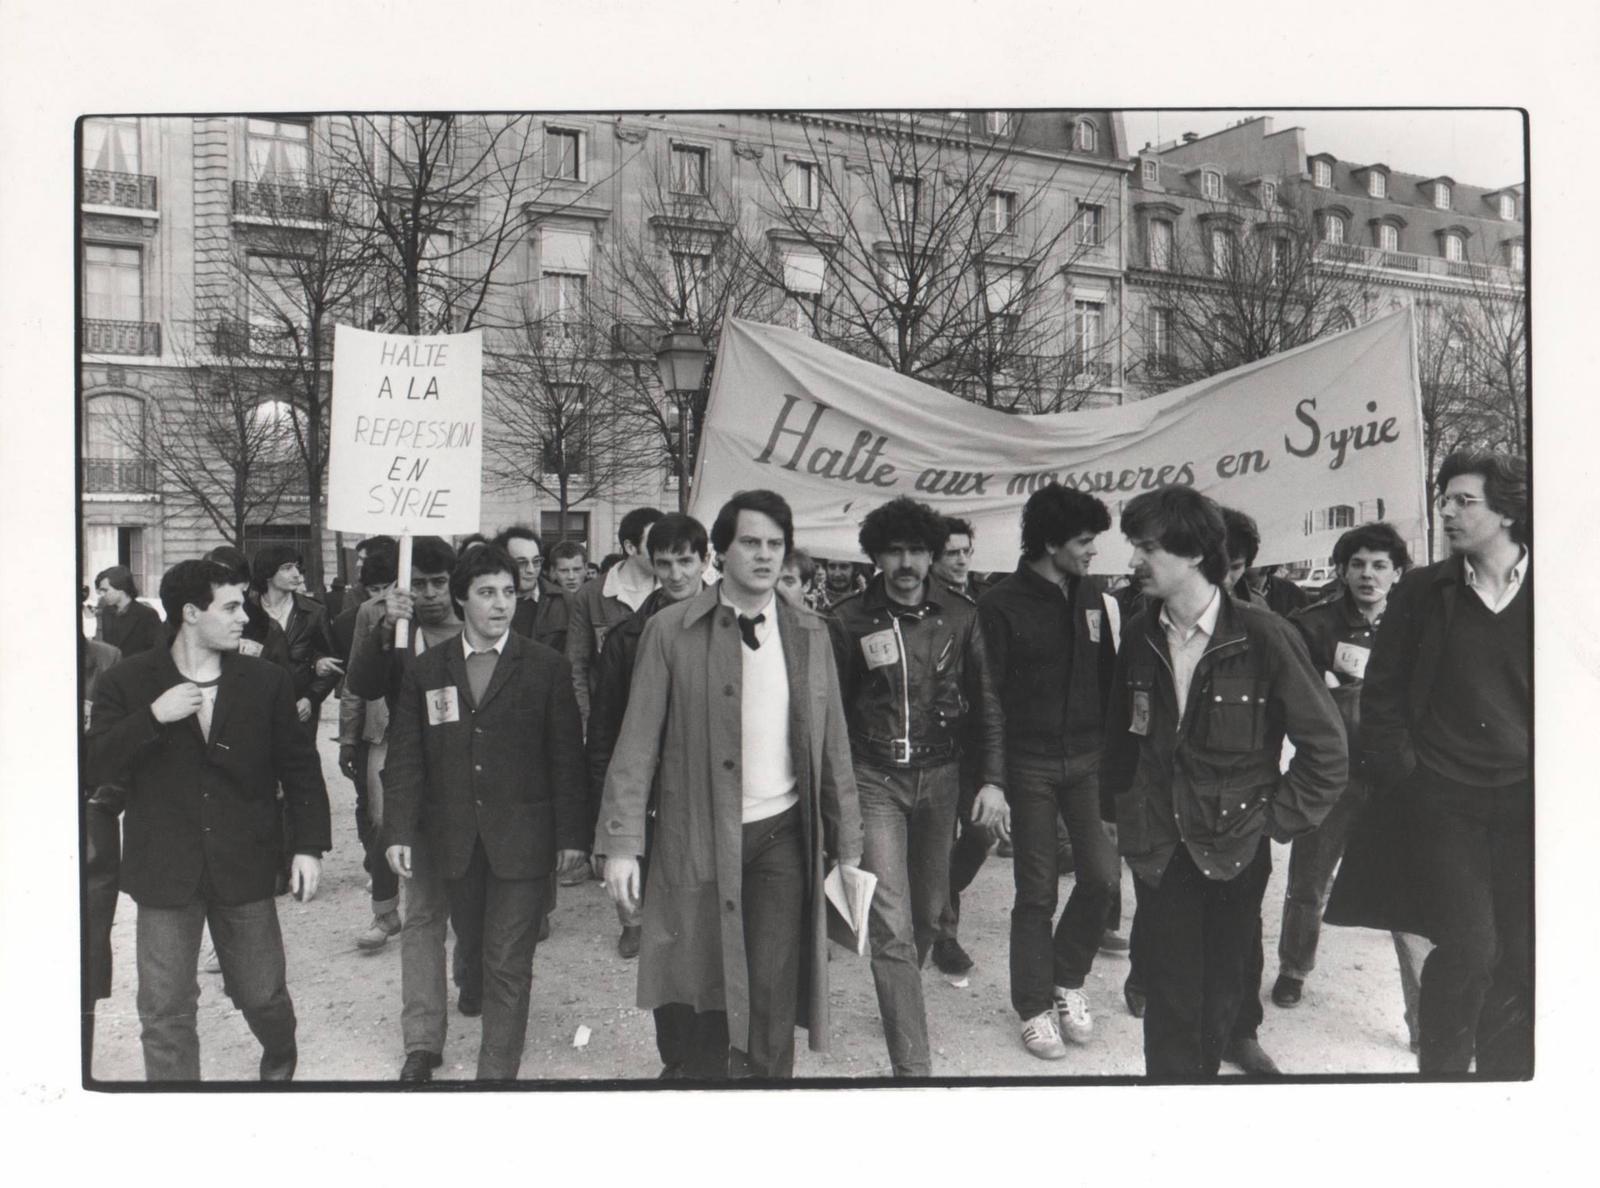 مظاهره مرخصة لمعارضين سوريين في ساحة السان جرمان في باريس أذار ١٩٨٢